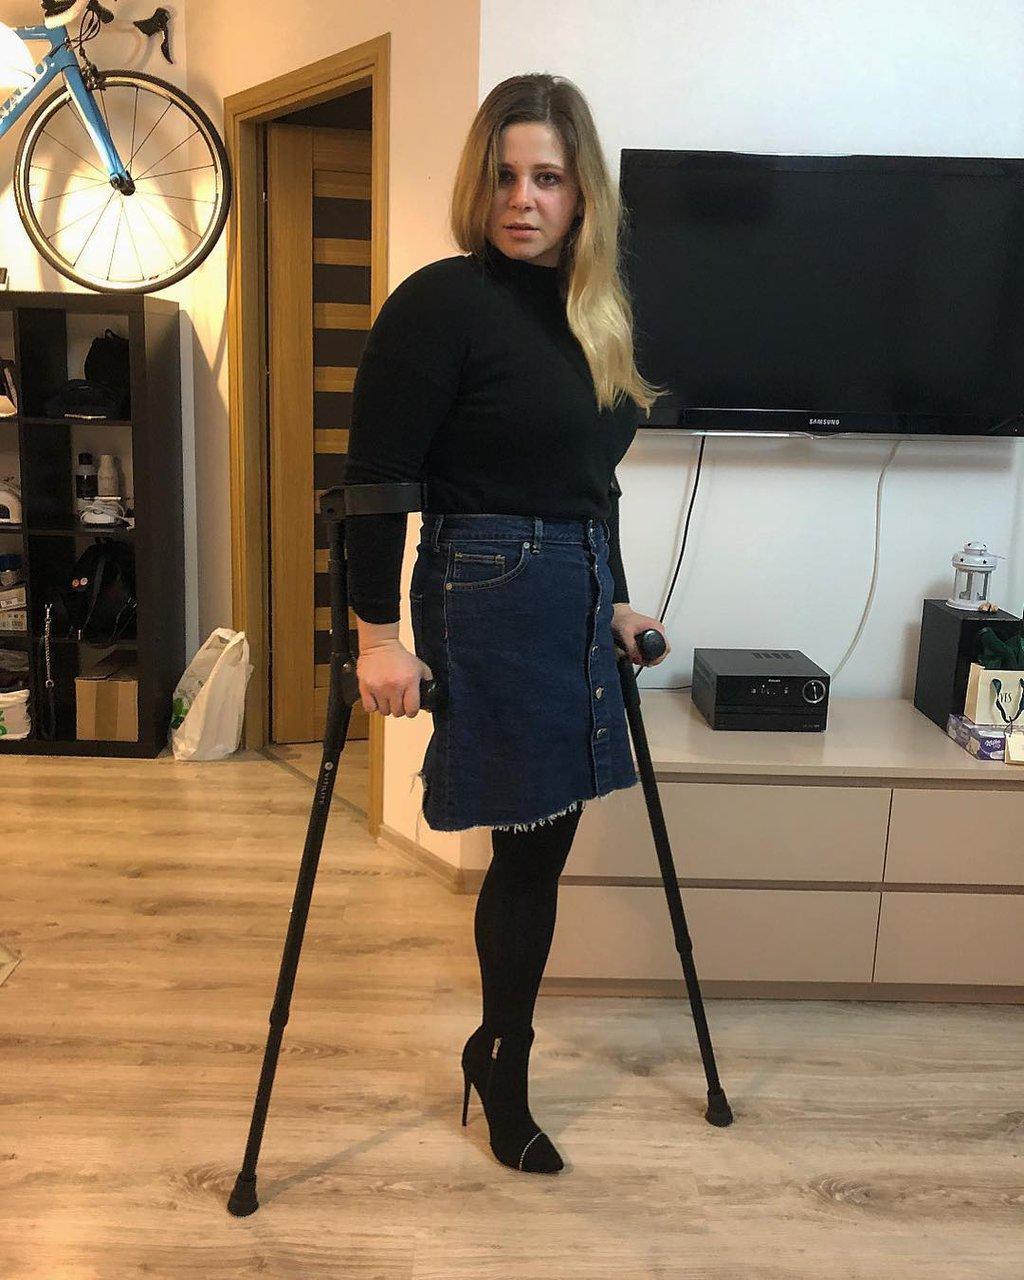 Eva Amputee New Model